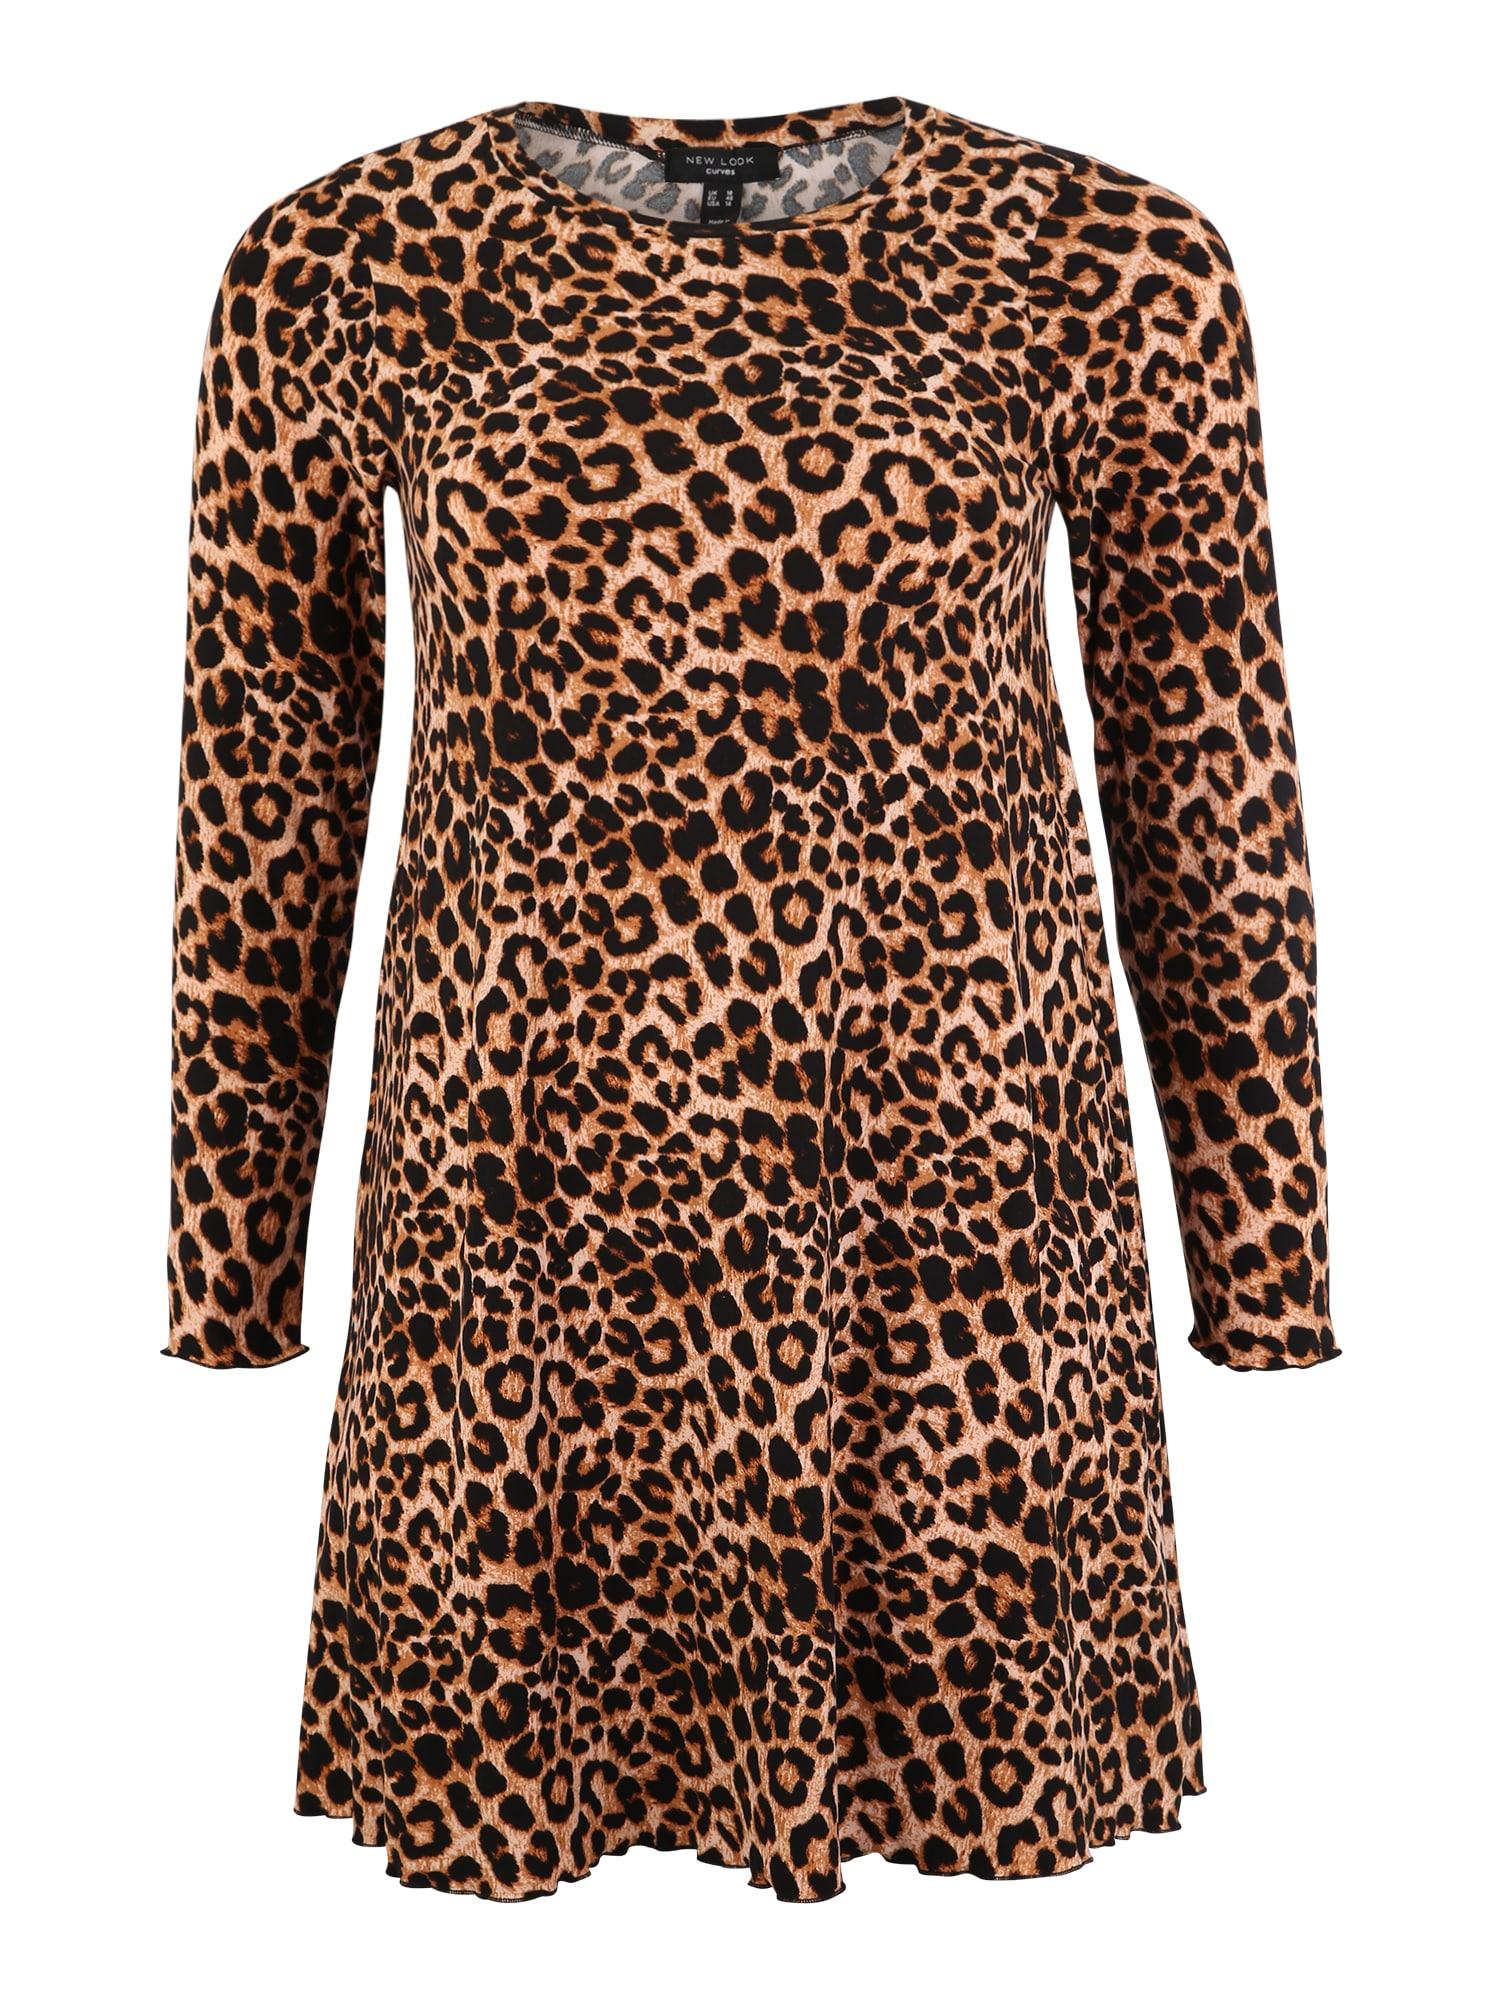 Šaty Leopard Soft Touch hnědá žlutá New Look Curves